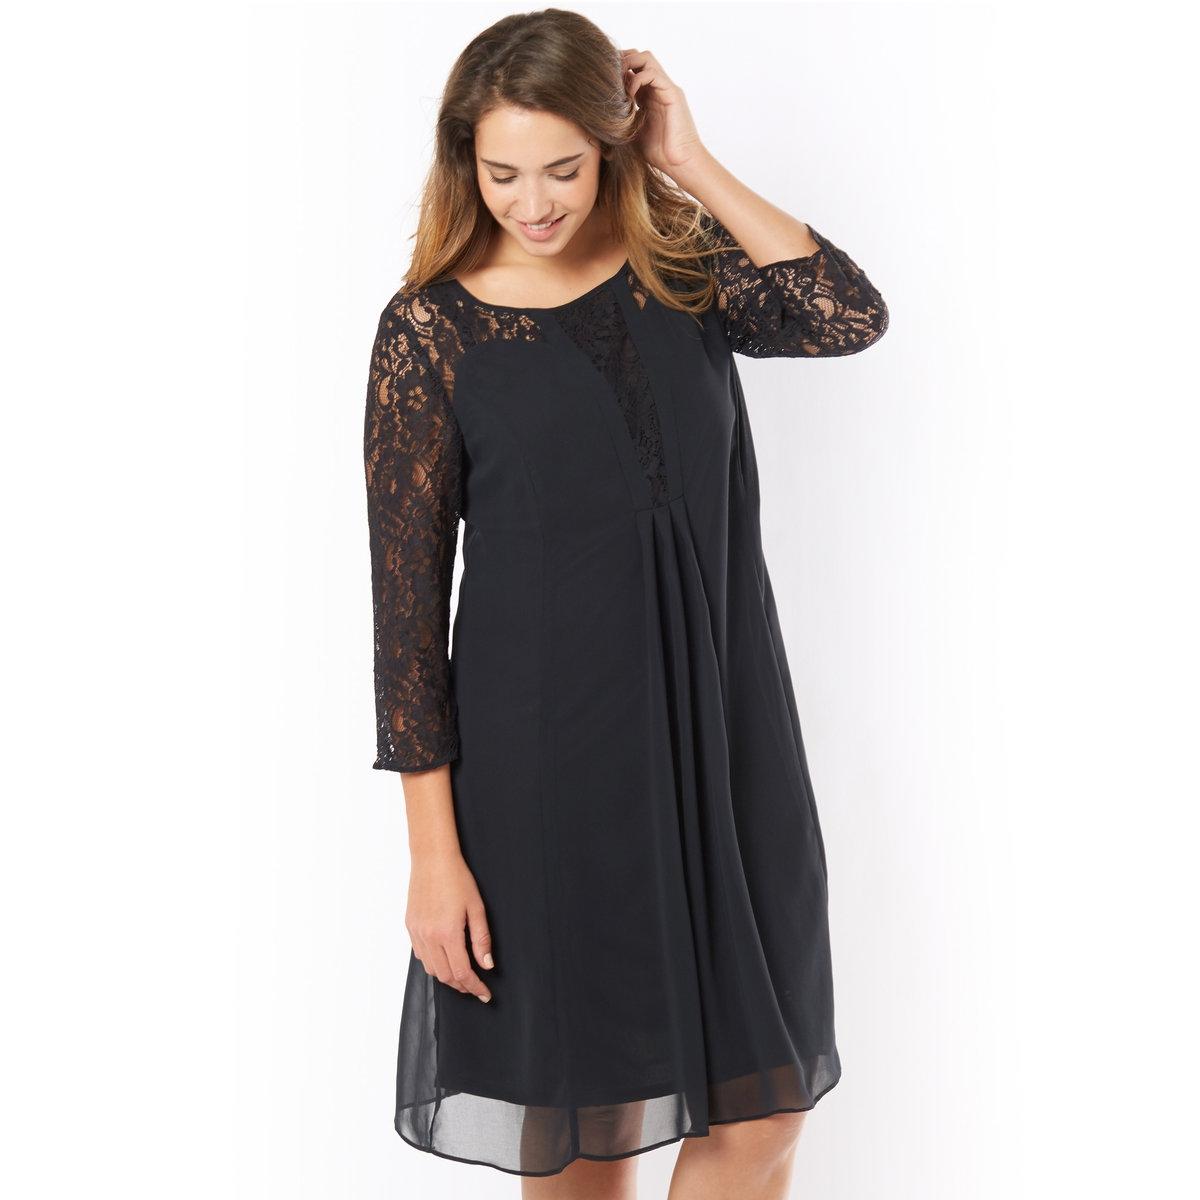 Кружевное платьеКружевное платье. Очень актуальное: кружево! Круглый вырез с кружевом на декольте. Кружевные рукава 3/4 . 100 % полиэстер, подкладка 100 % полиэстр. 3 складки спереди.  V-образное декольте сзади, молния и застёжка. Длина 95 см.<br><br>Цвет: черный<br>Размер: 42 (FR) - 48 (RUS).52 (FR) - 58 (RUS)